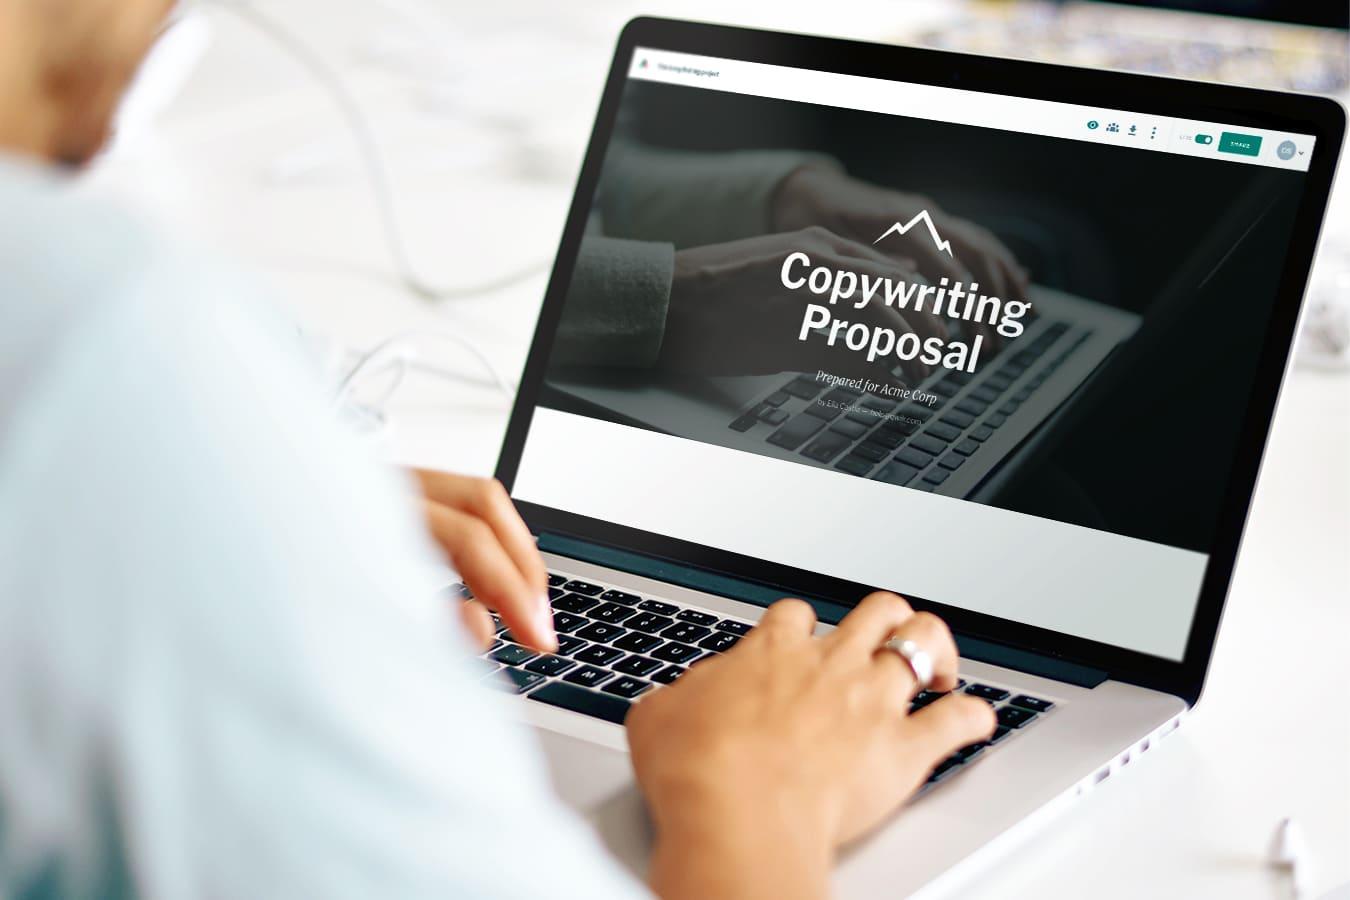 copywriting-proposal-desktop